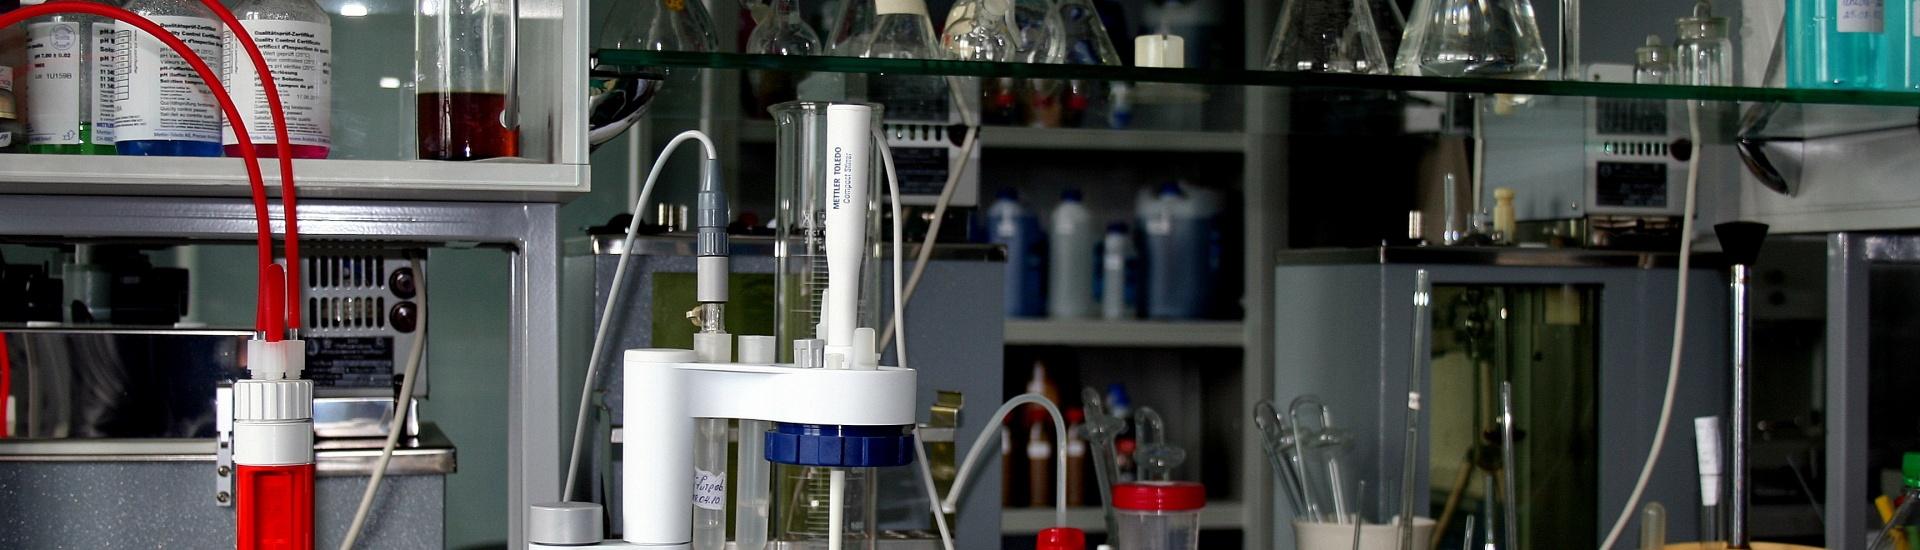 Sava laboratorija